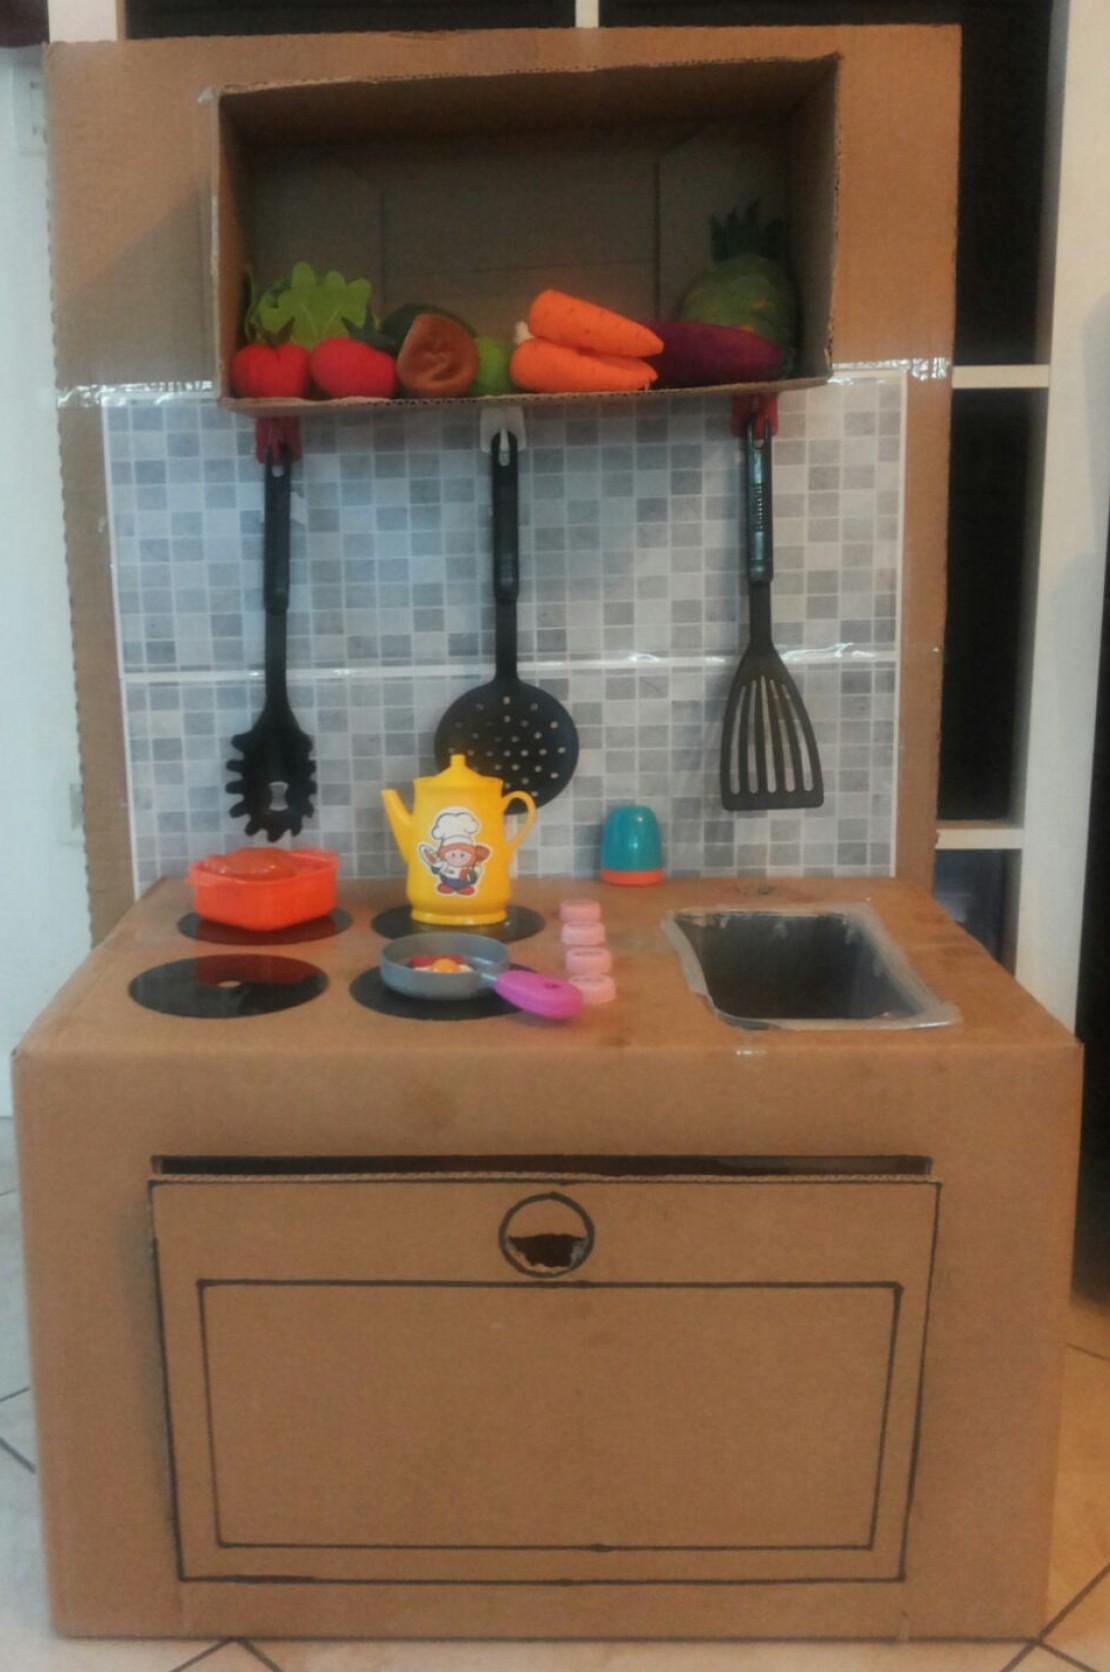 Lavoretti per bambini:La cucina giocattolo...di cartone! - Bimbi ...